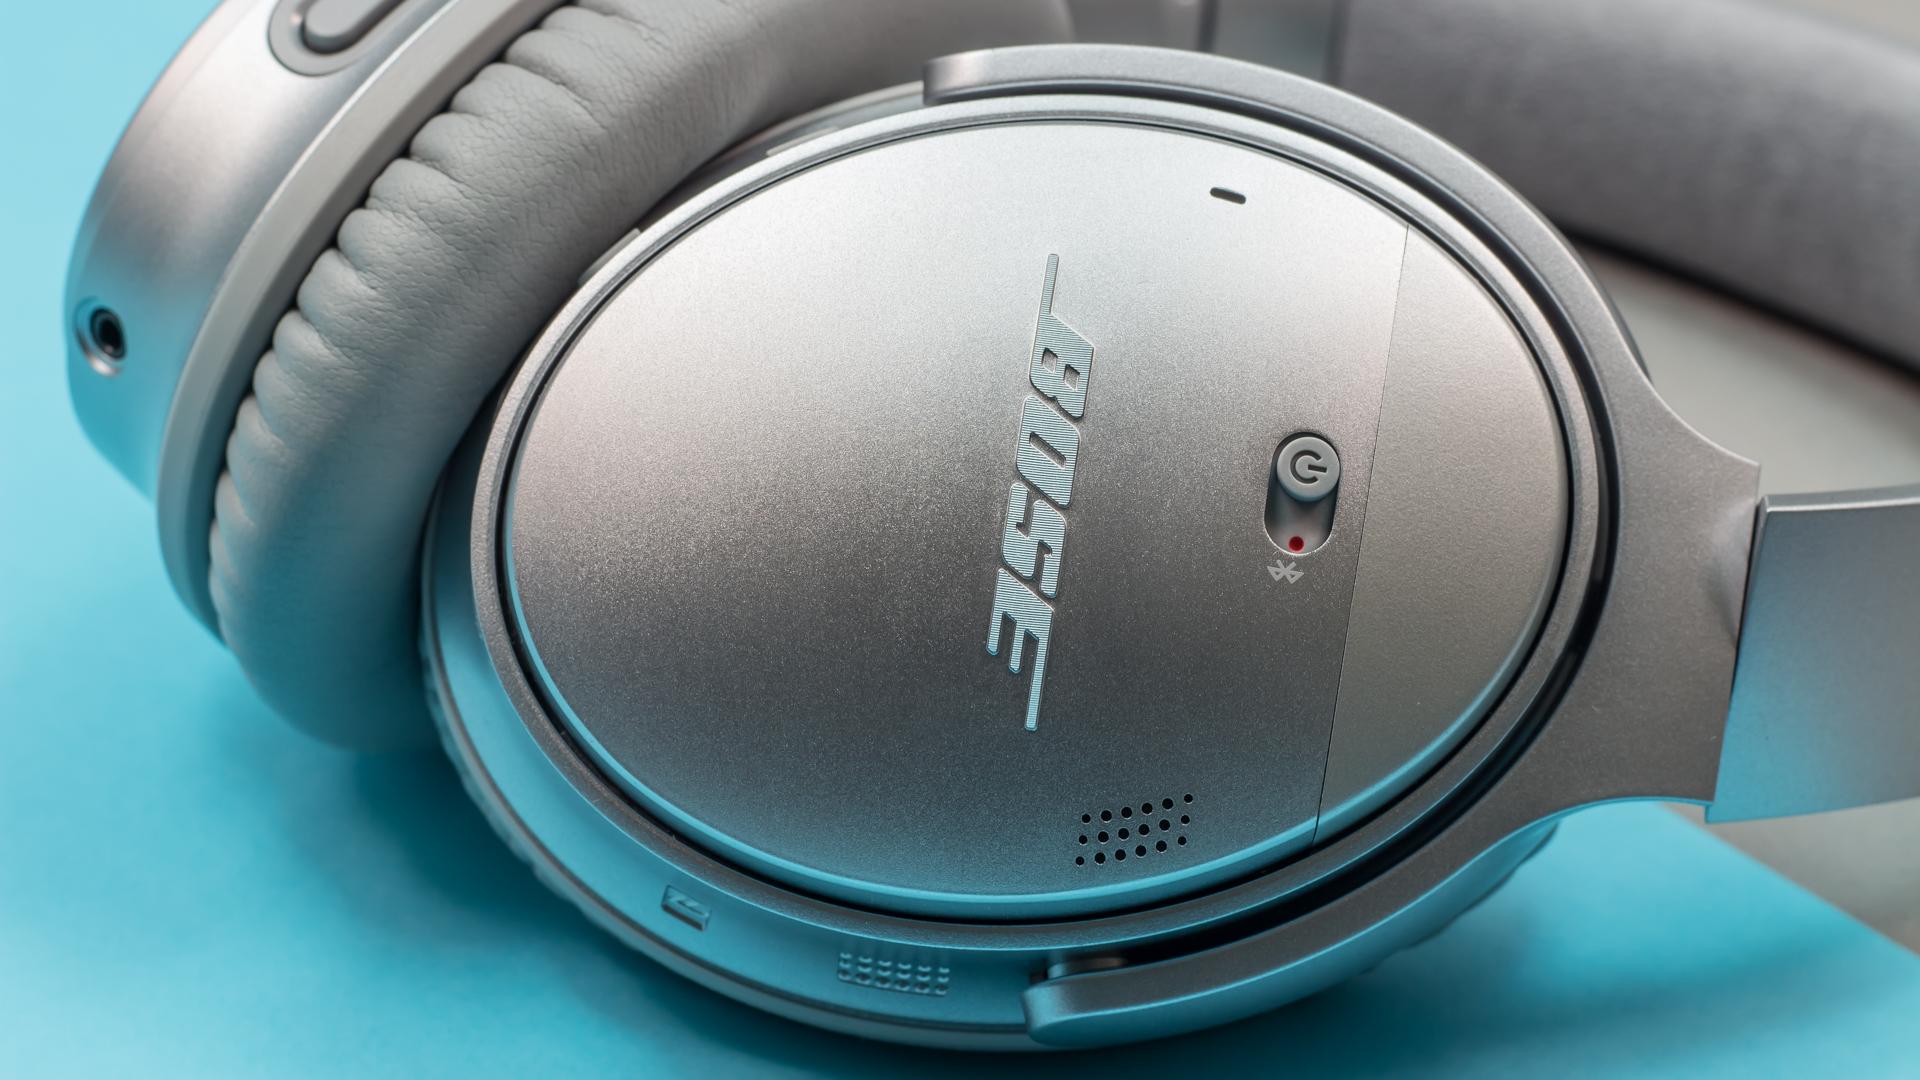 Bose QuietComfort 35 II (QC35 II) Headphones Review - Samma3a Tech